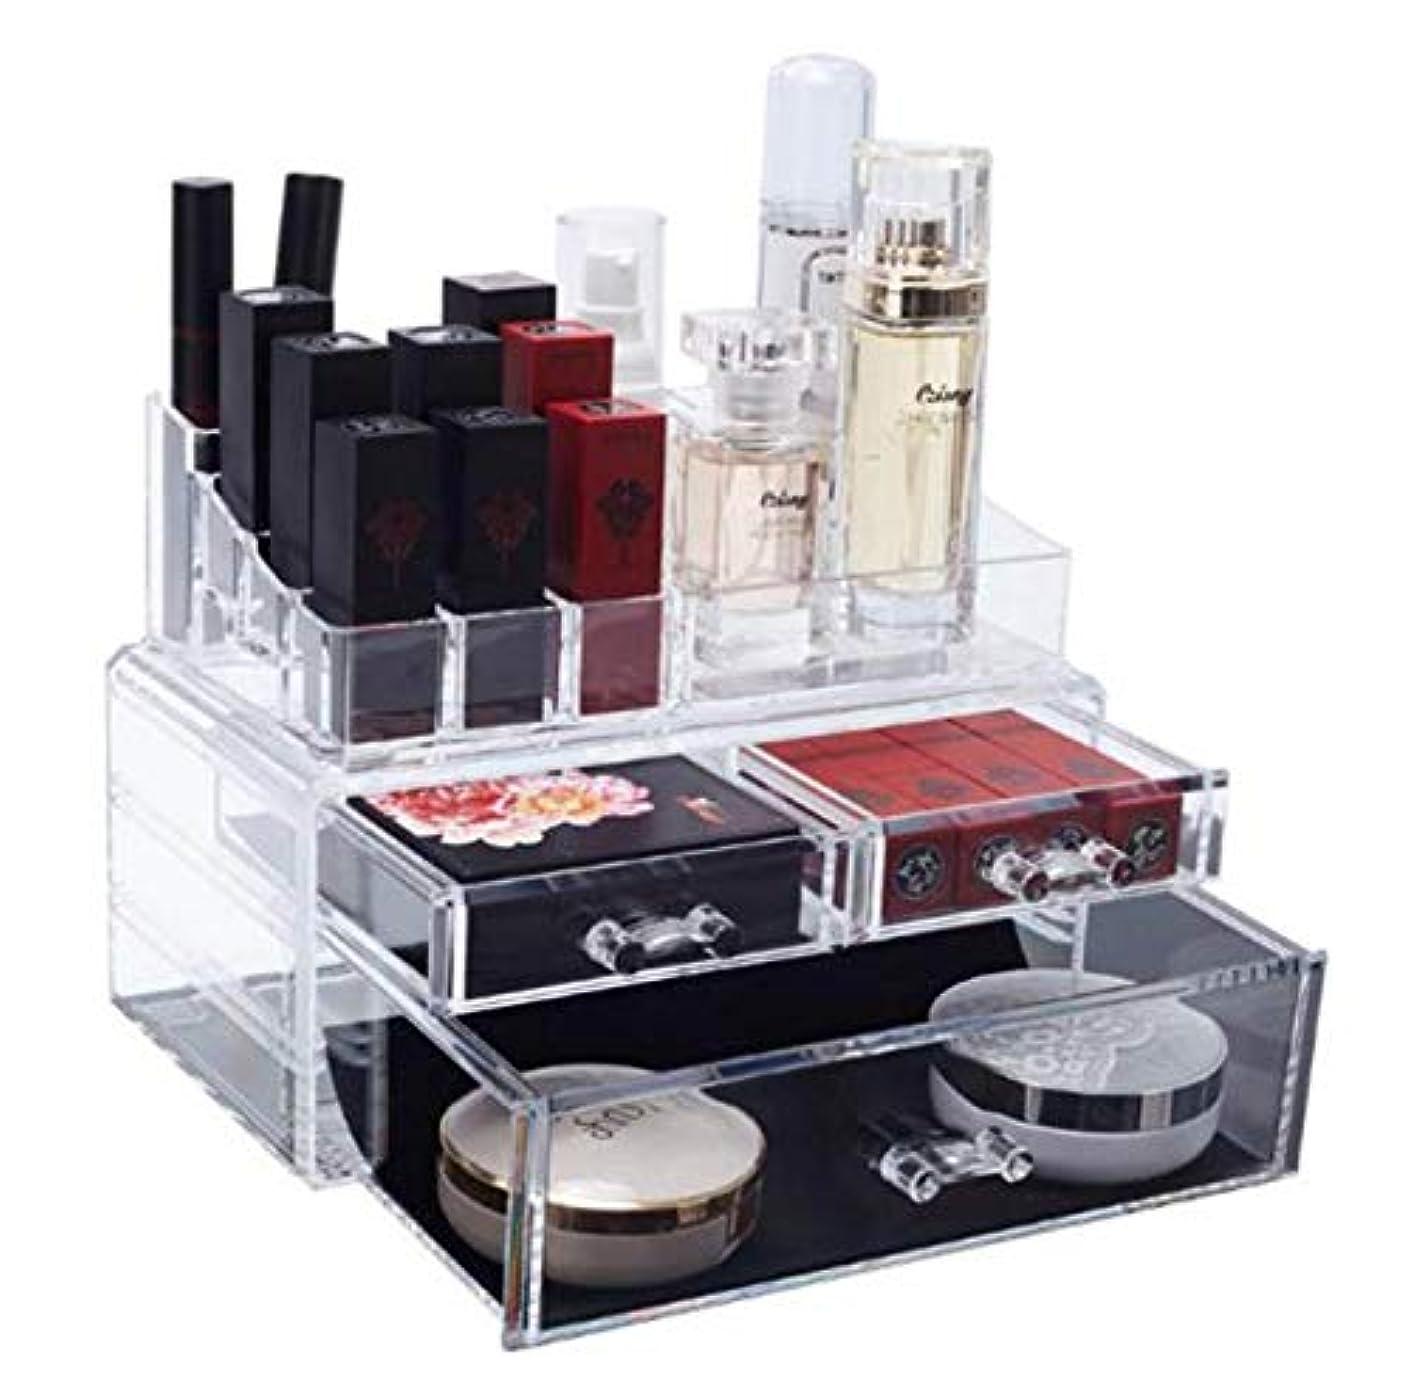 ピボット艦隊電話化粧品収納ボックス メイク収納ケース コスメ 収納ボックス 大容量 高透明度 引き出し アクセサリー/化粧品入れ 耐久